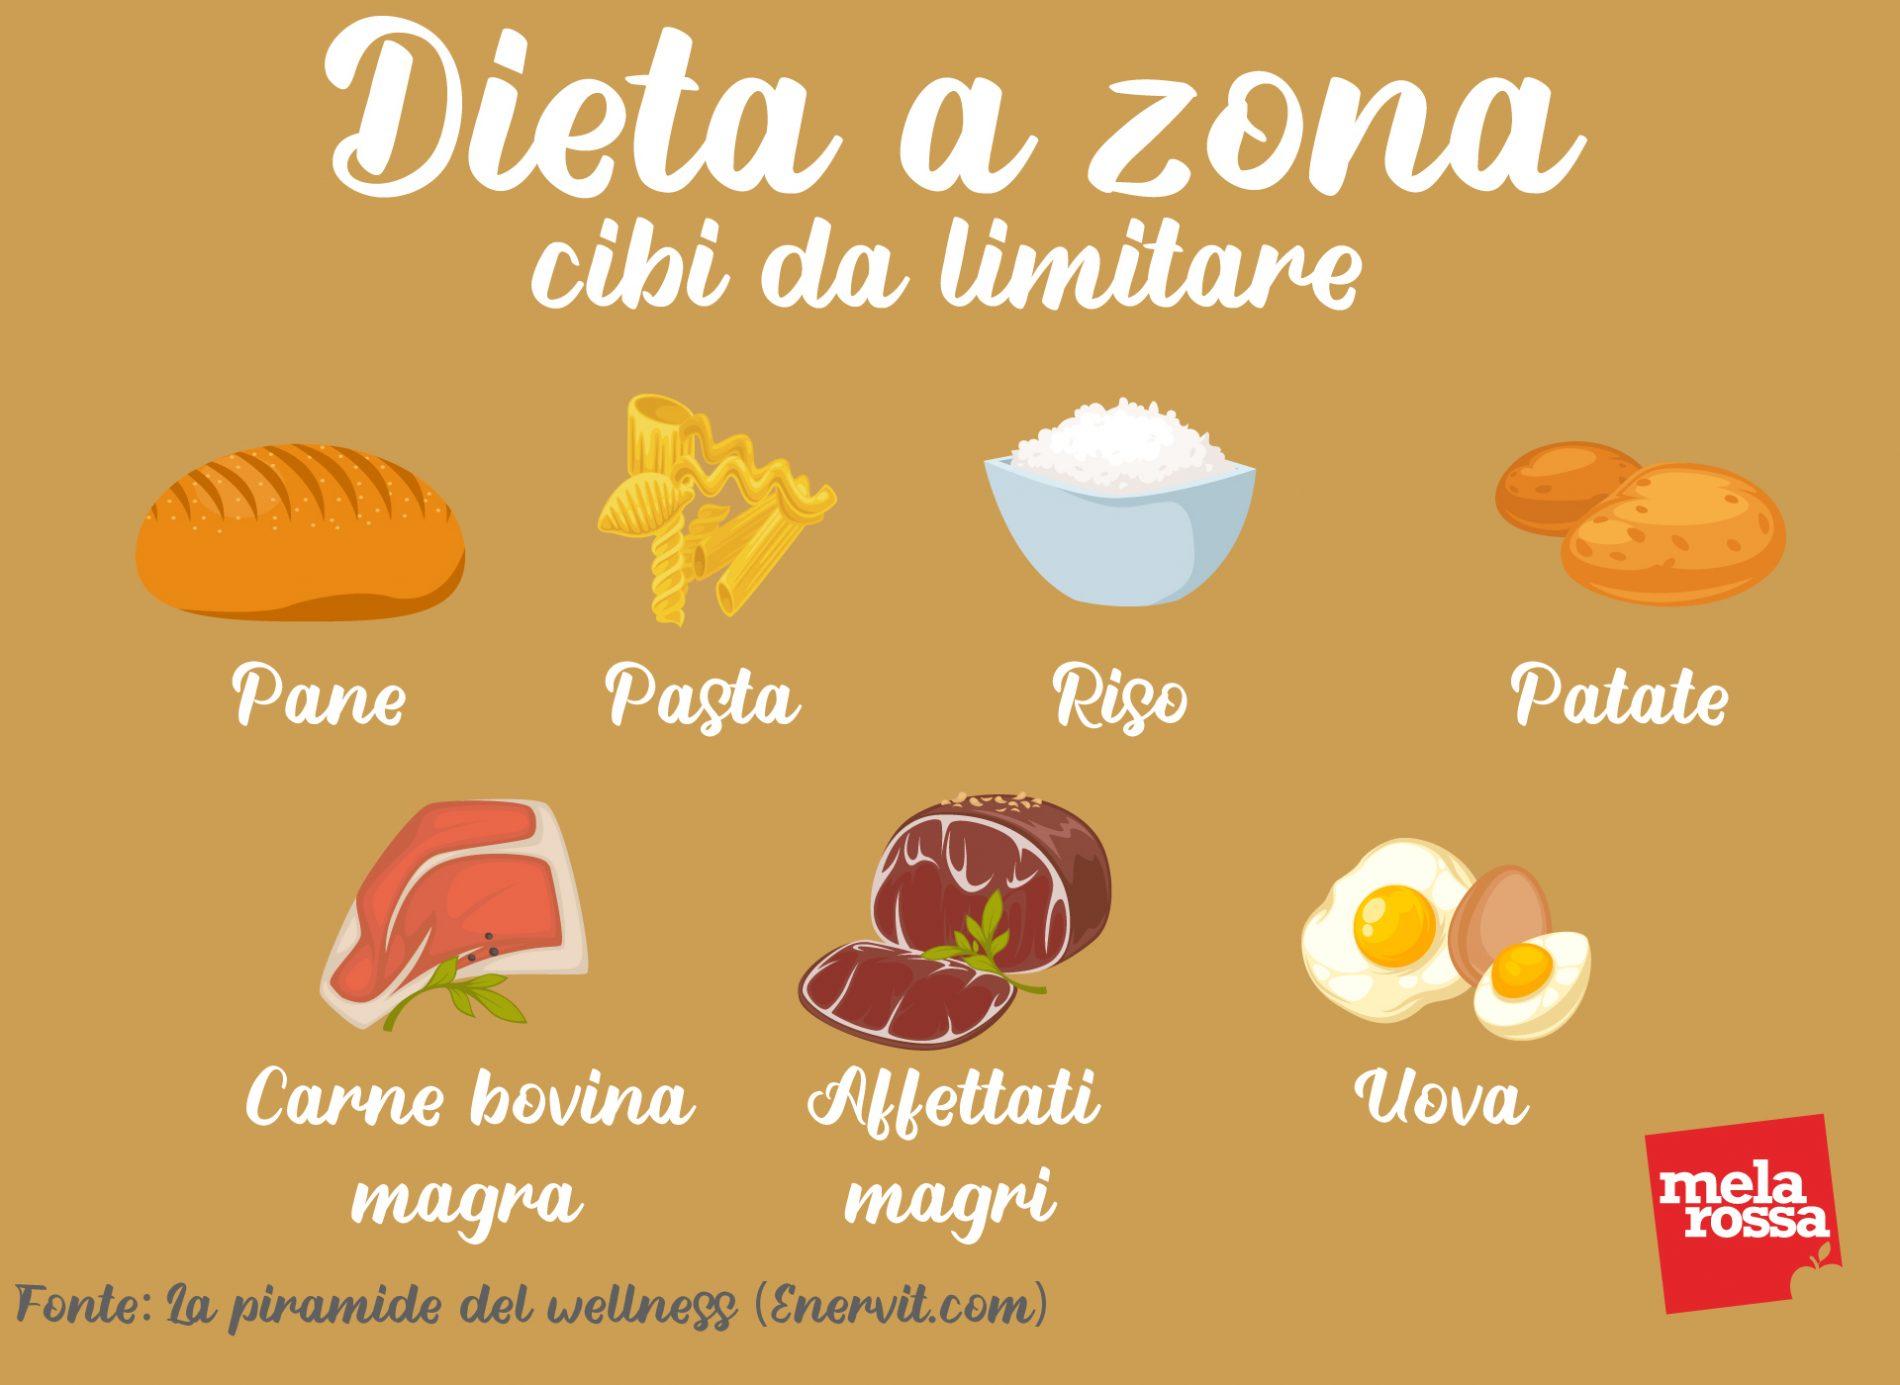 dieta a zona: cibi da limitare